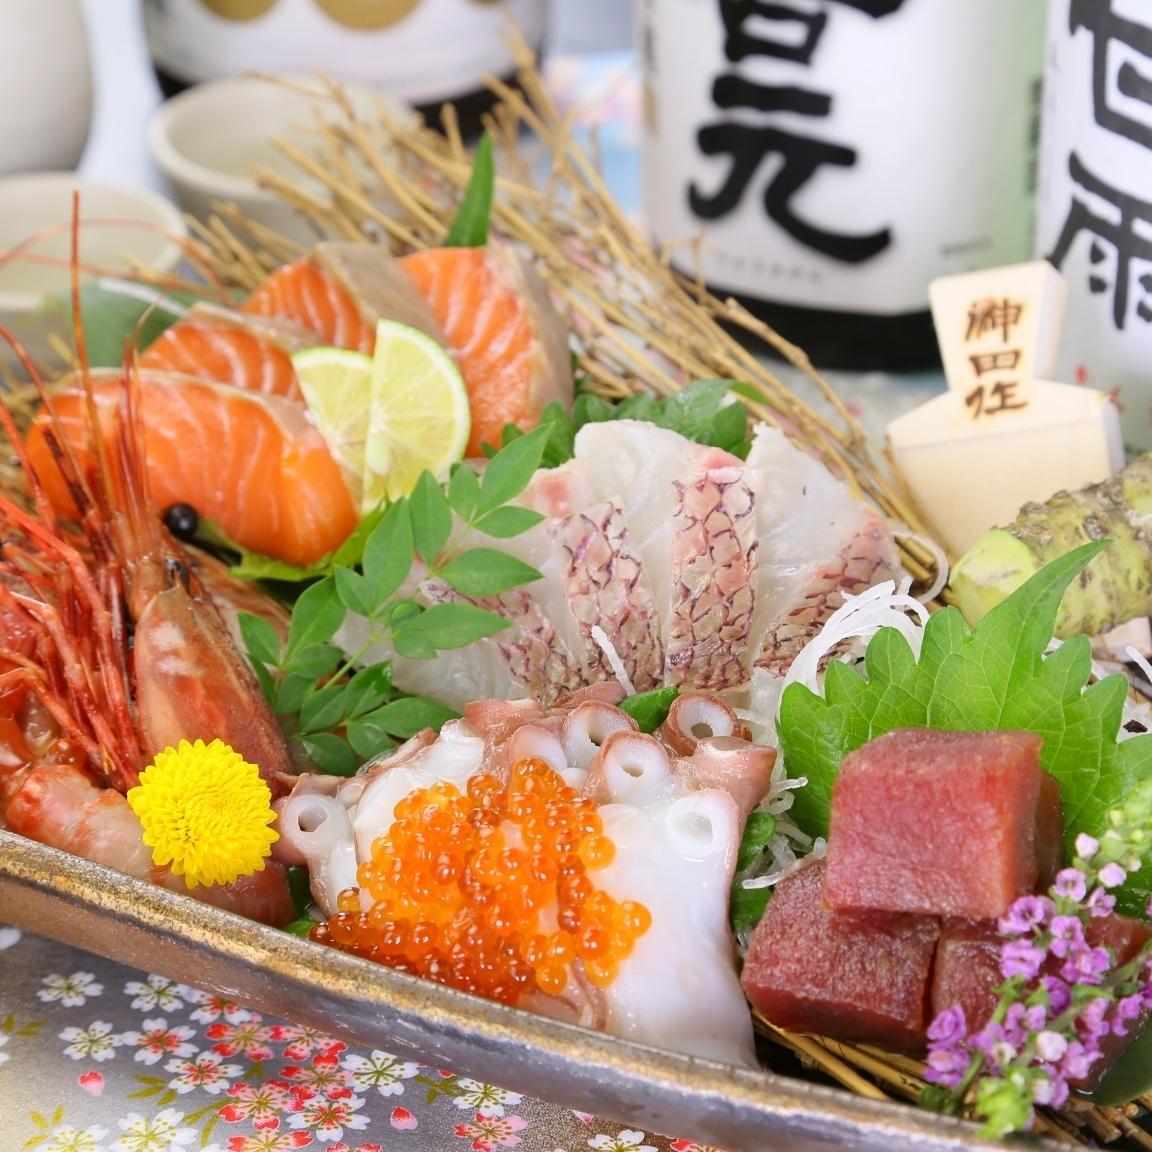 在京桥站附近的热门私人房间居酒屋★豪华地带来新鲜的海鲜!